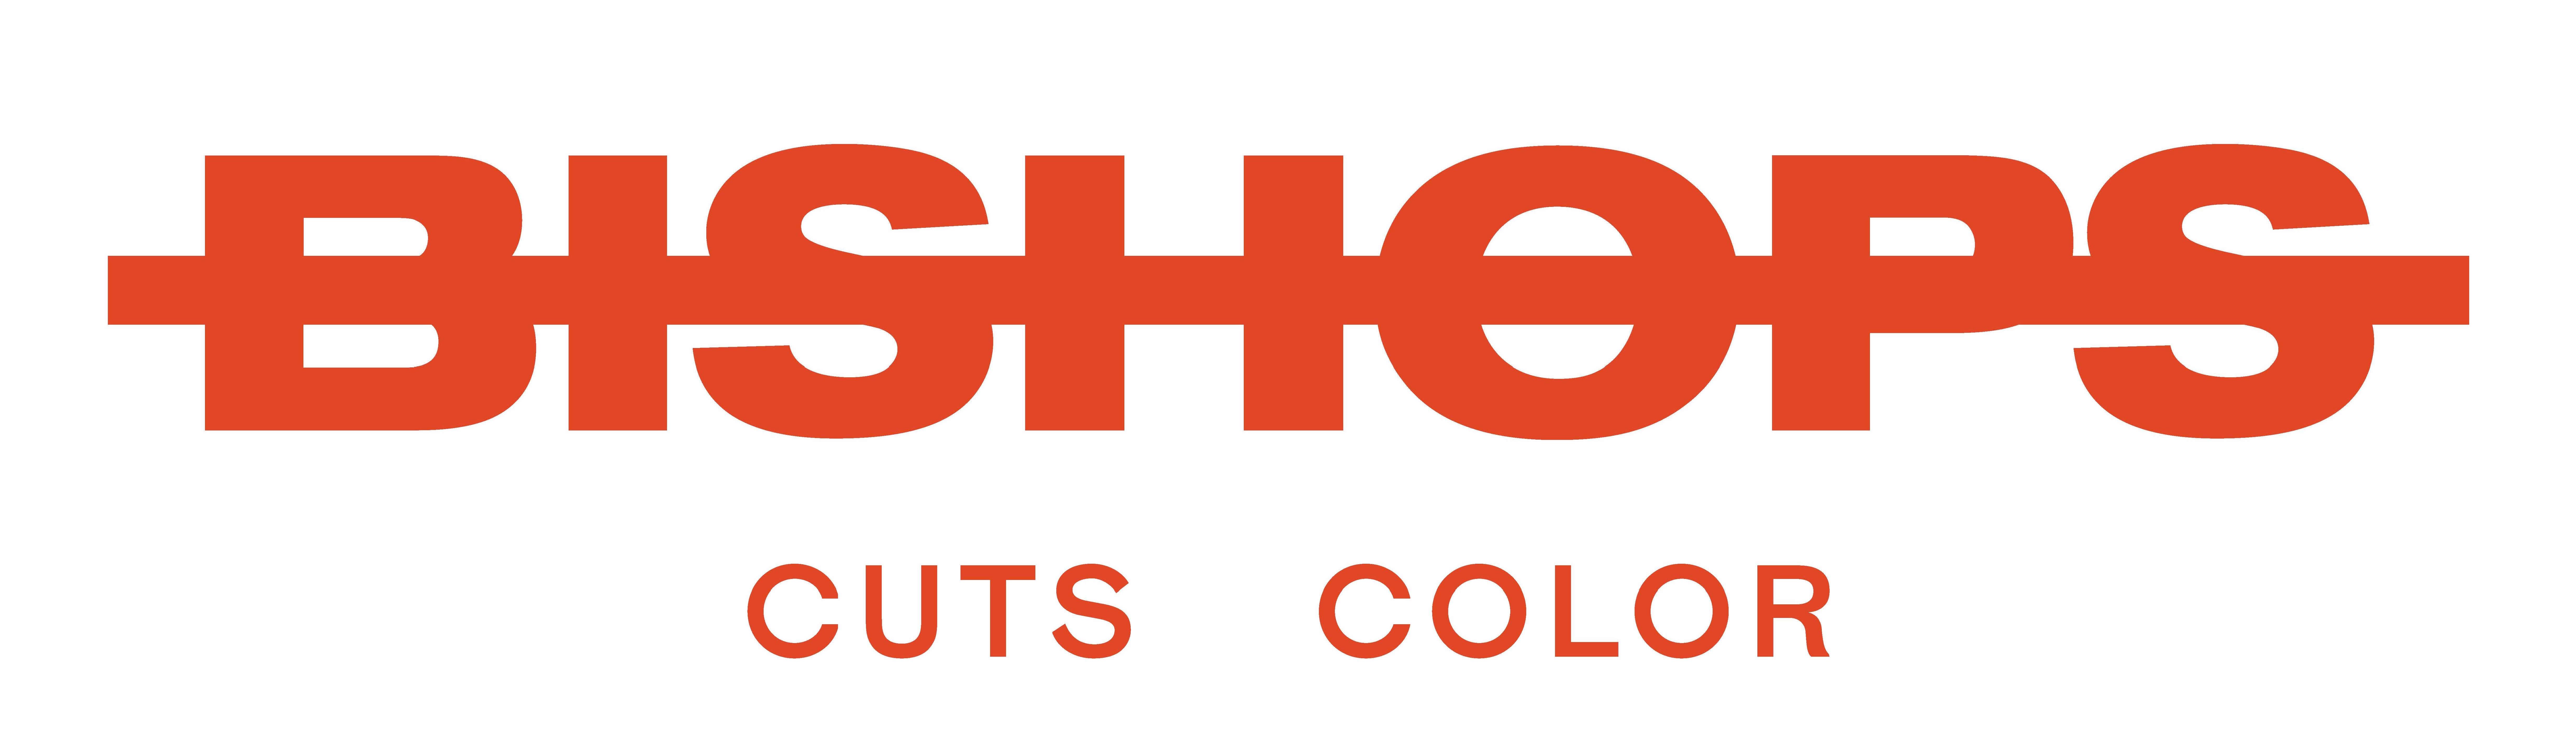 Bishops Logo Color